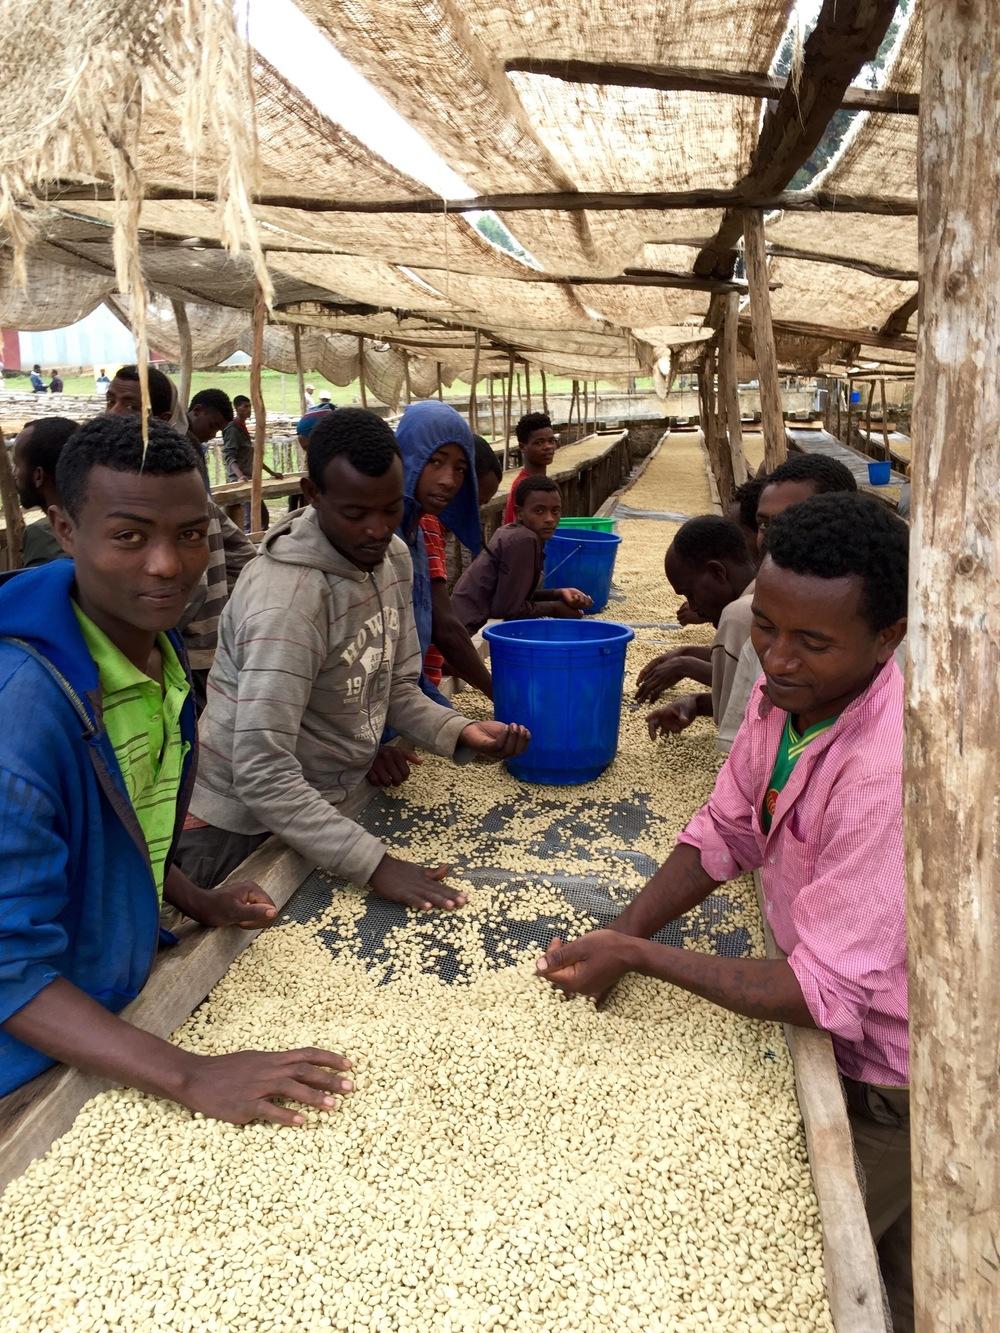 Ethiopian Safari - Sorting Beans